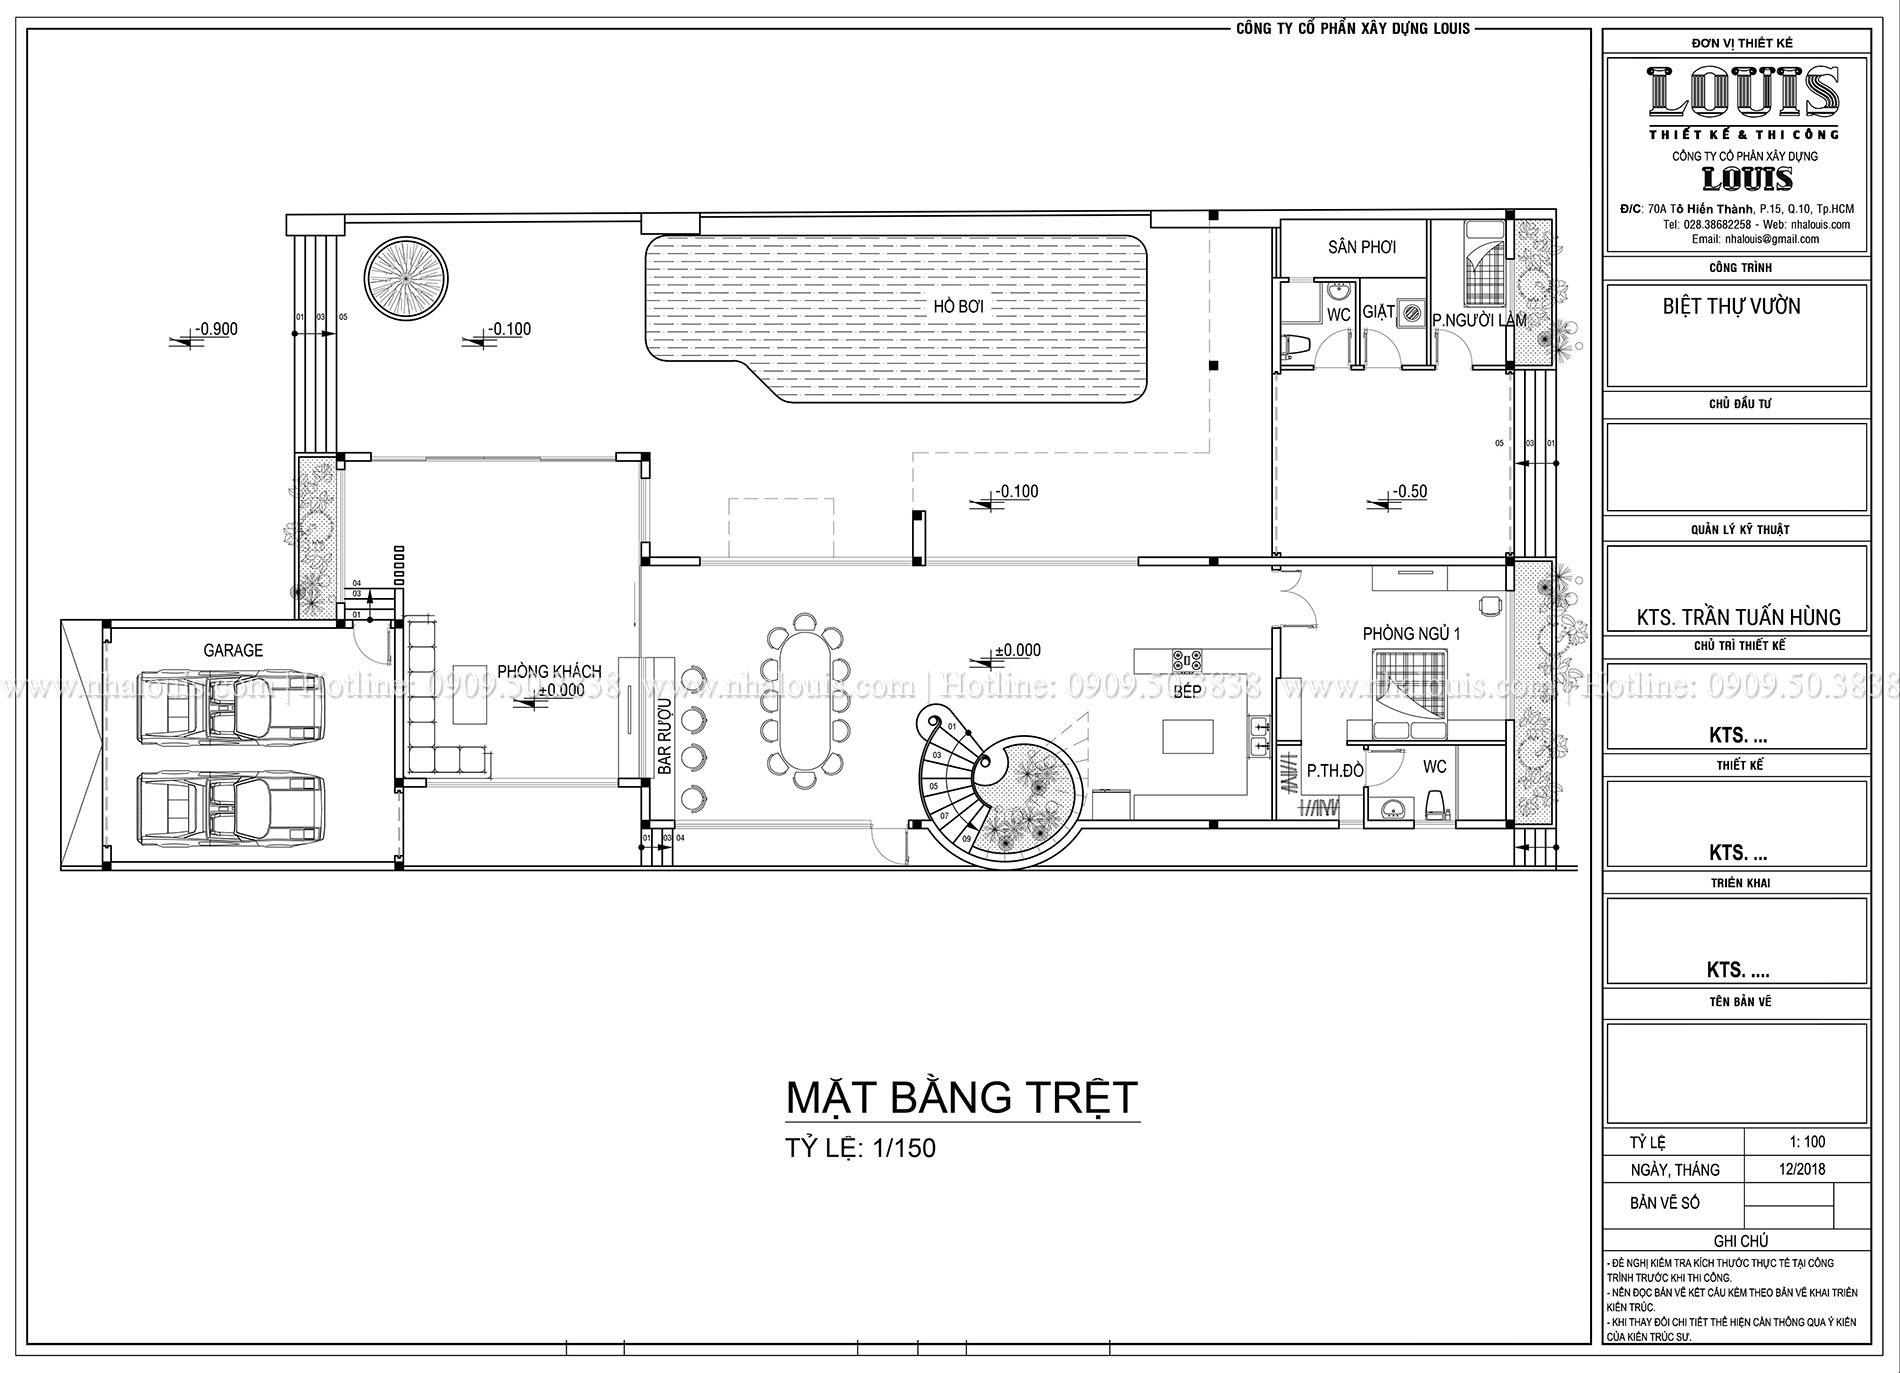 Mặt bằng trệt Mẫu biệt thự 3 tầng hiện đại với không gian mở ở quận 12 - 008